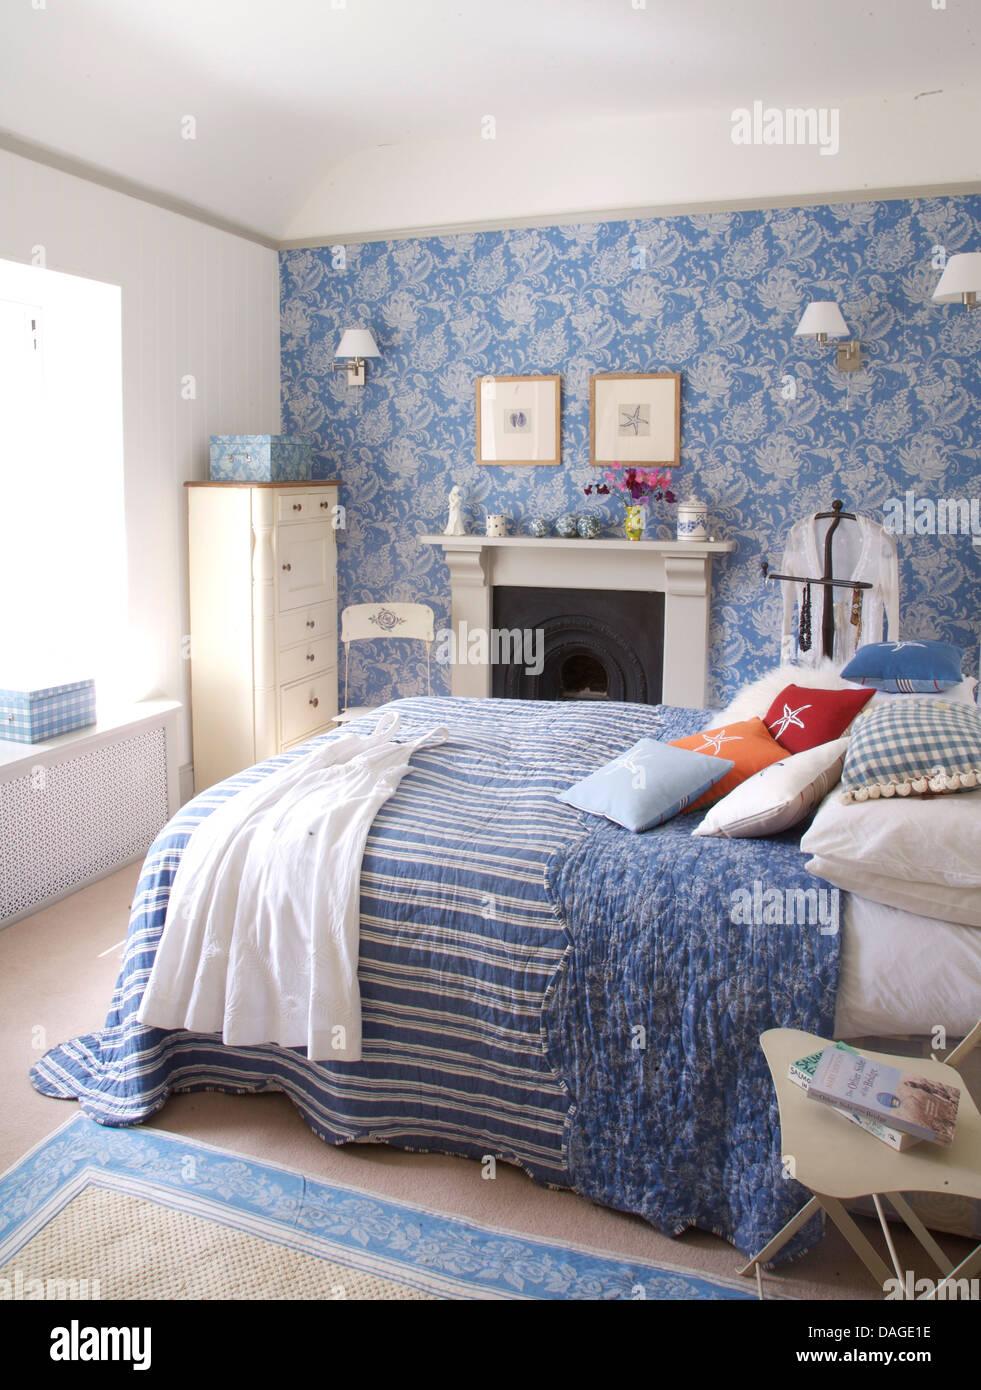 Blau Gestreifte Quilt Mit Floralen Futter In Kustennahen Schlafzimmer Mit Blau Weiss Floral Tapete An Der Wand Uber Dem Kamin Stockfotografie Alamy